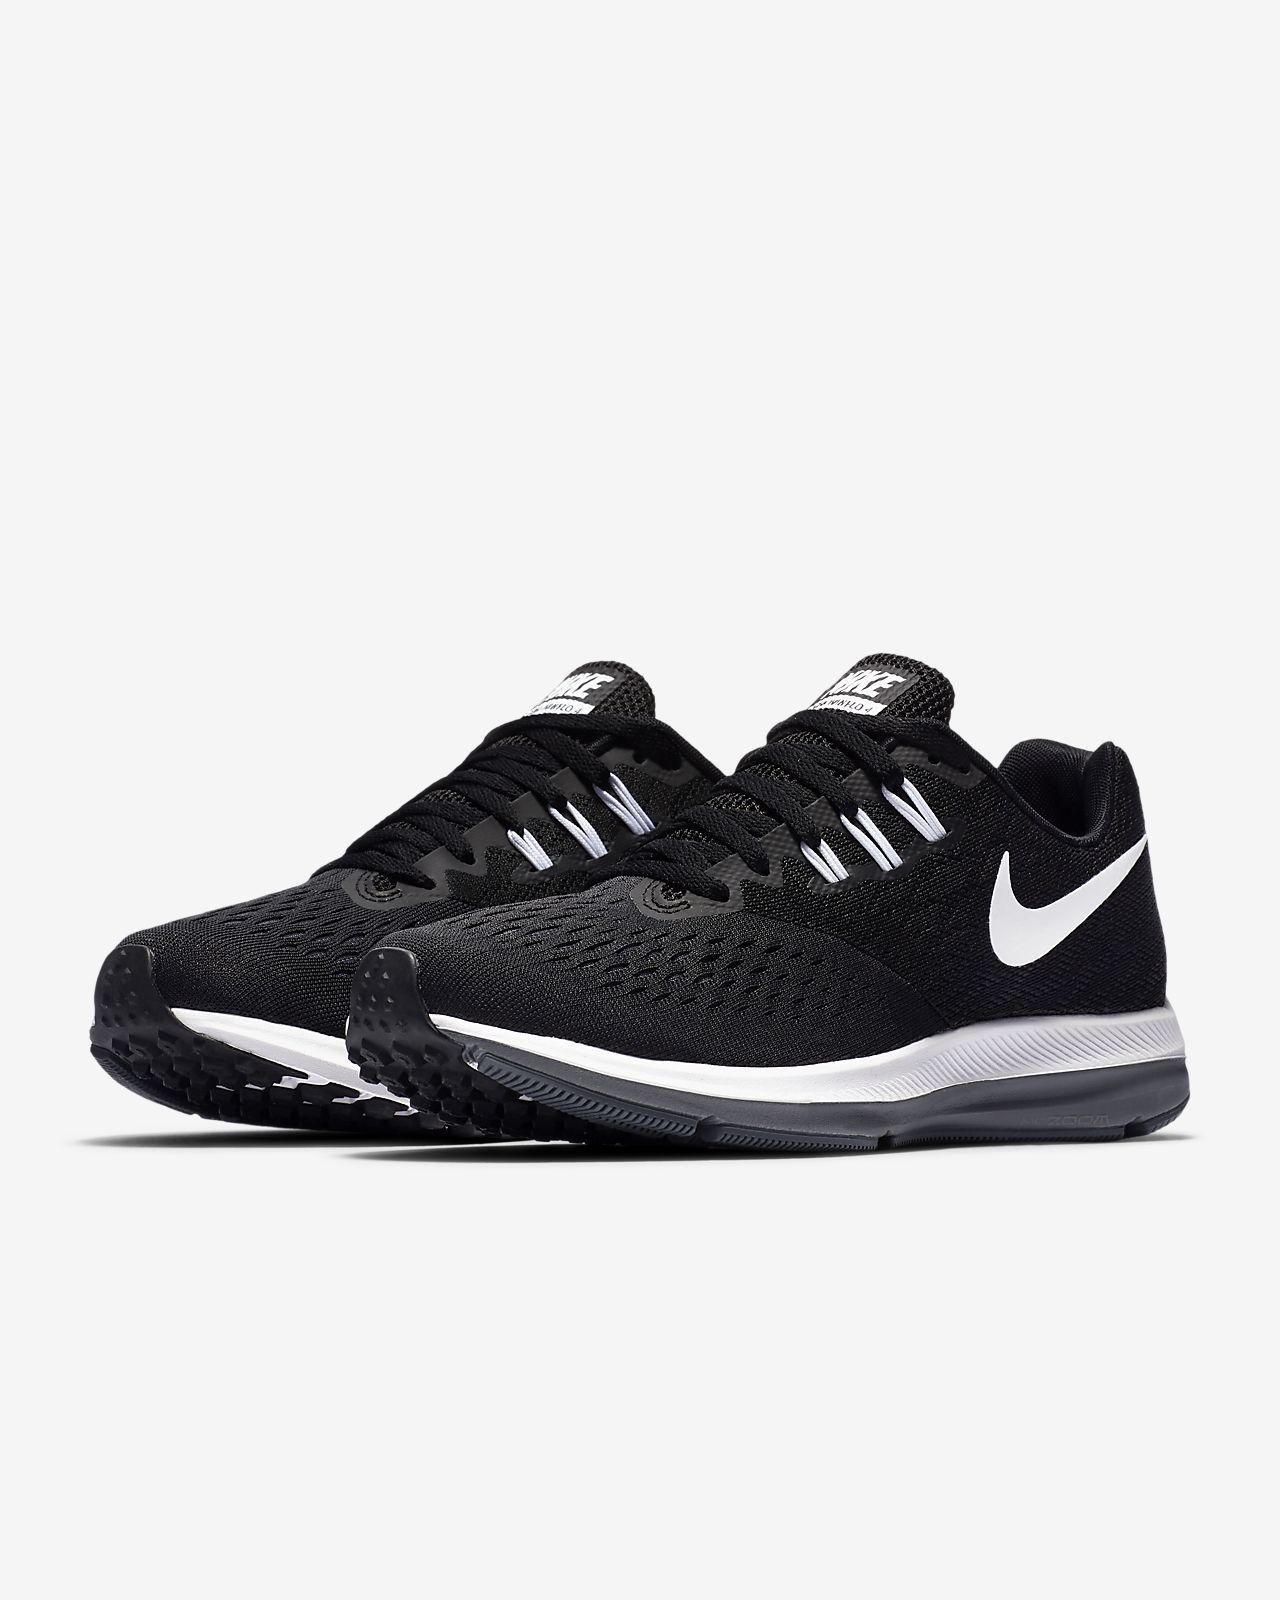 big sale 2b082 1986e Nike Zoom Winflo 4 Women's Running Shoe